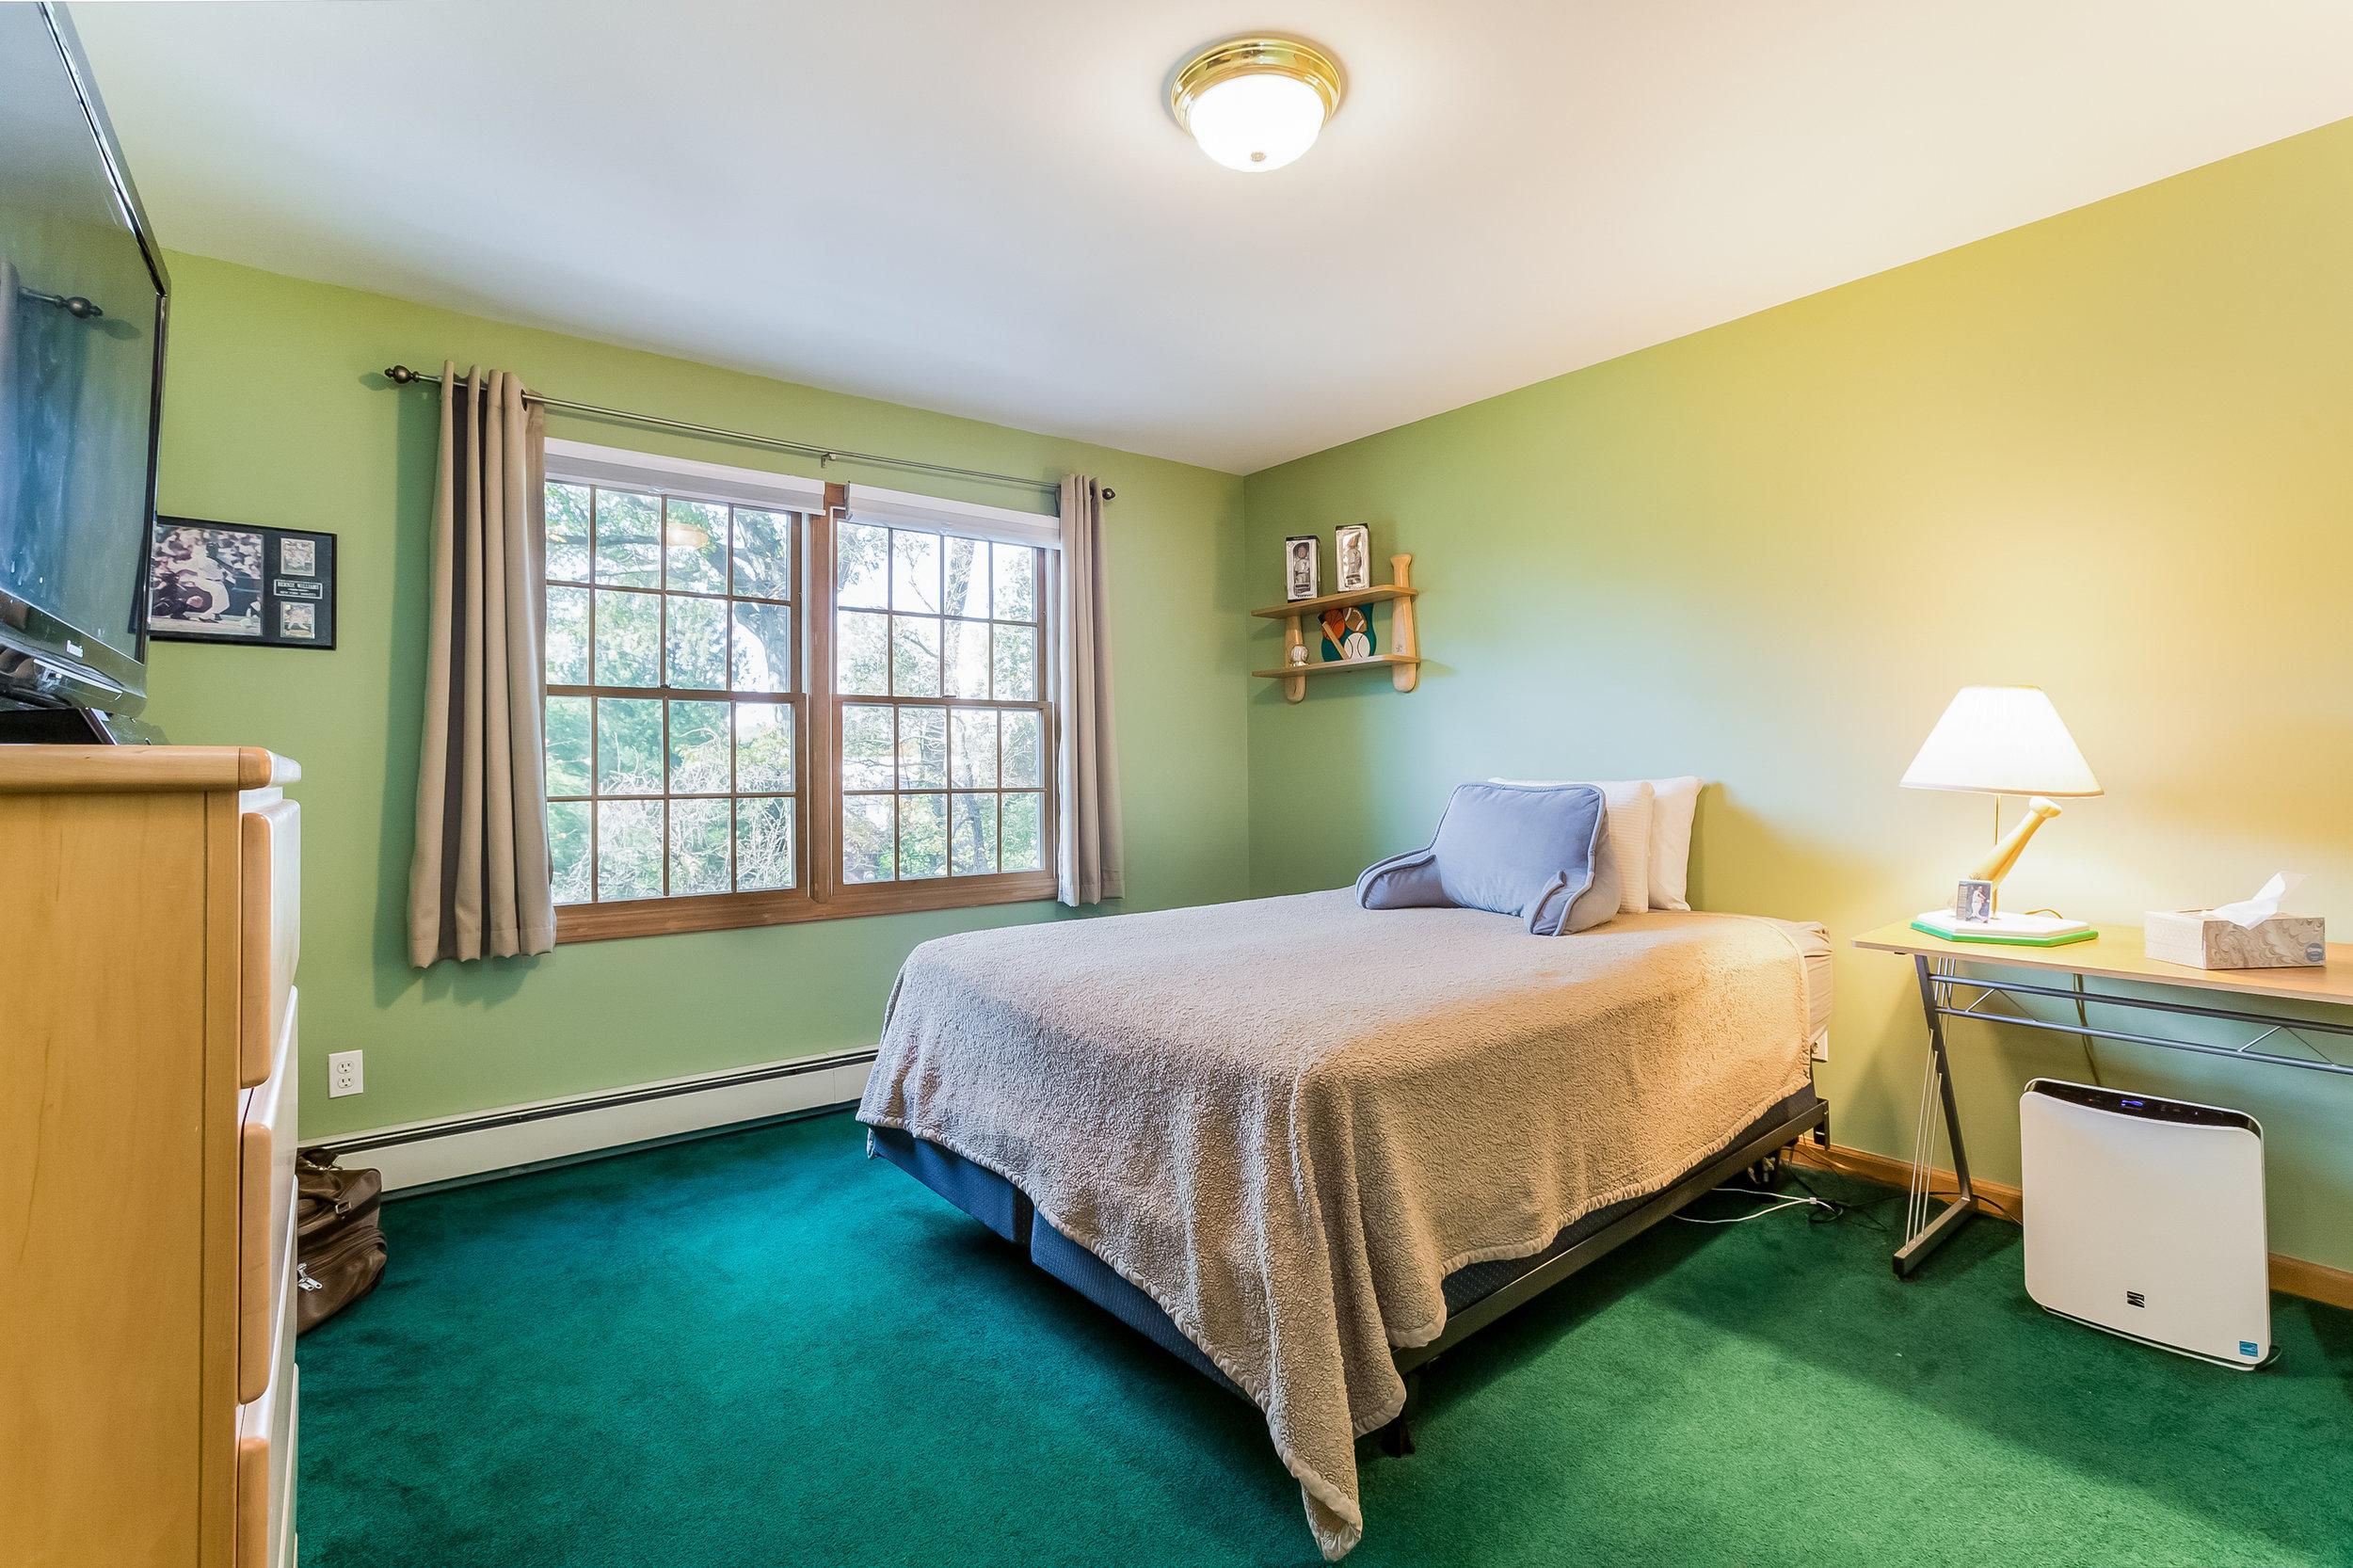 038-Bedroom-5002169-large.jpg